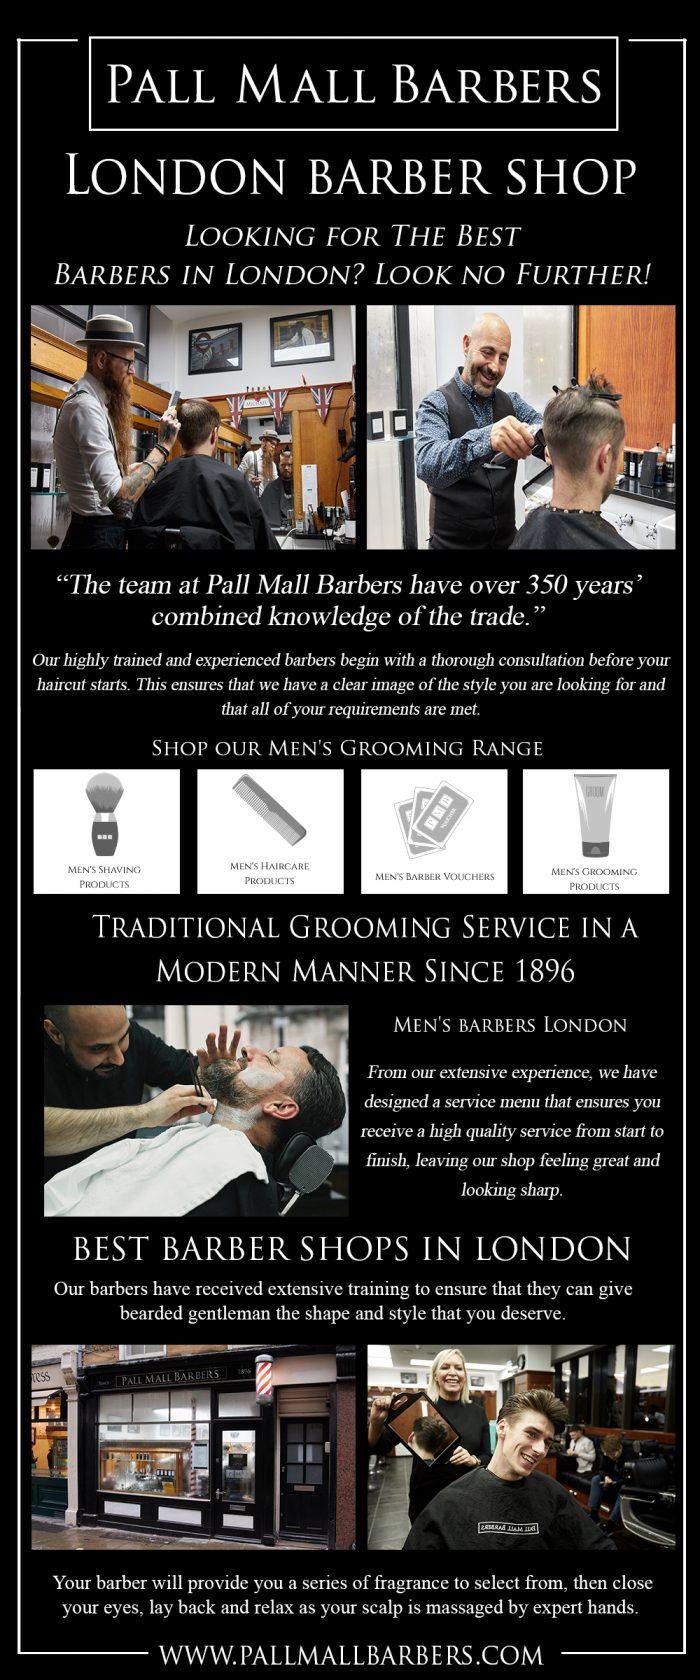 London Barber Shop | Call – 020 73878887 | www.pallmallbarbers.com